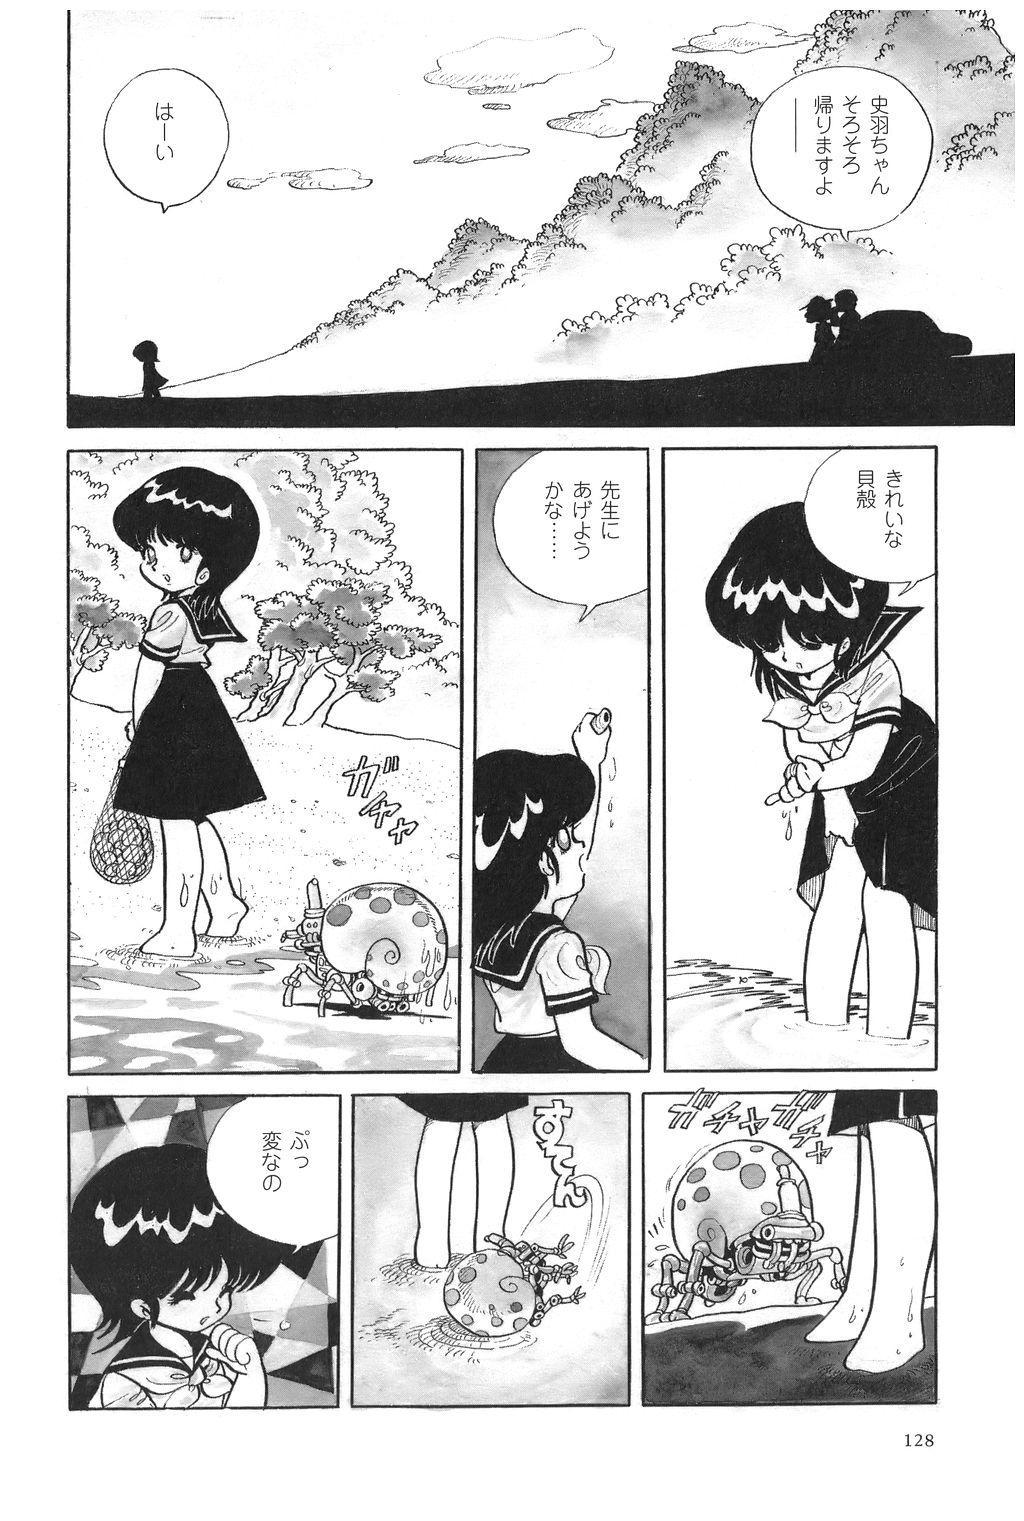 Azuma Hideo Sakuhin Shuusei - Yoru no Tobari no Naka de 130